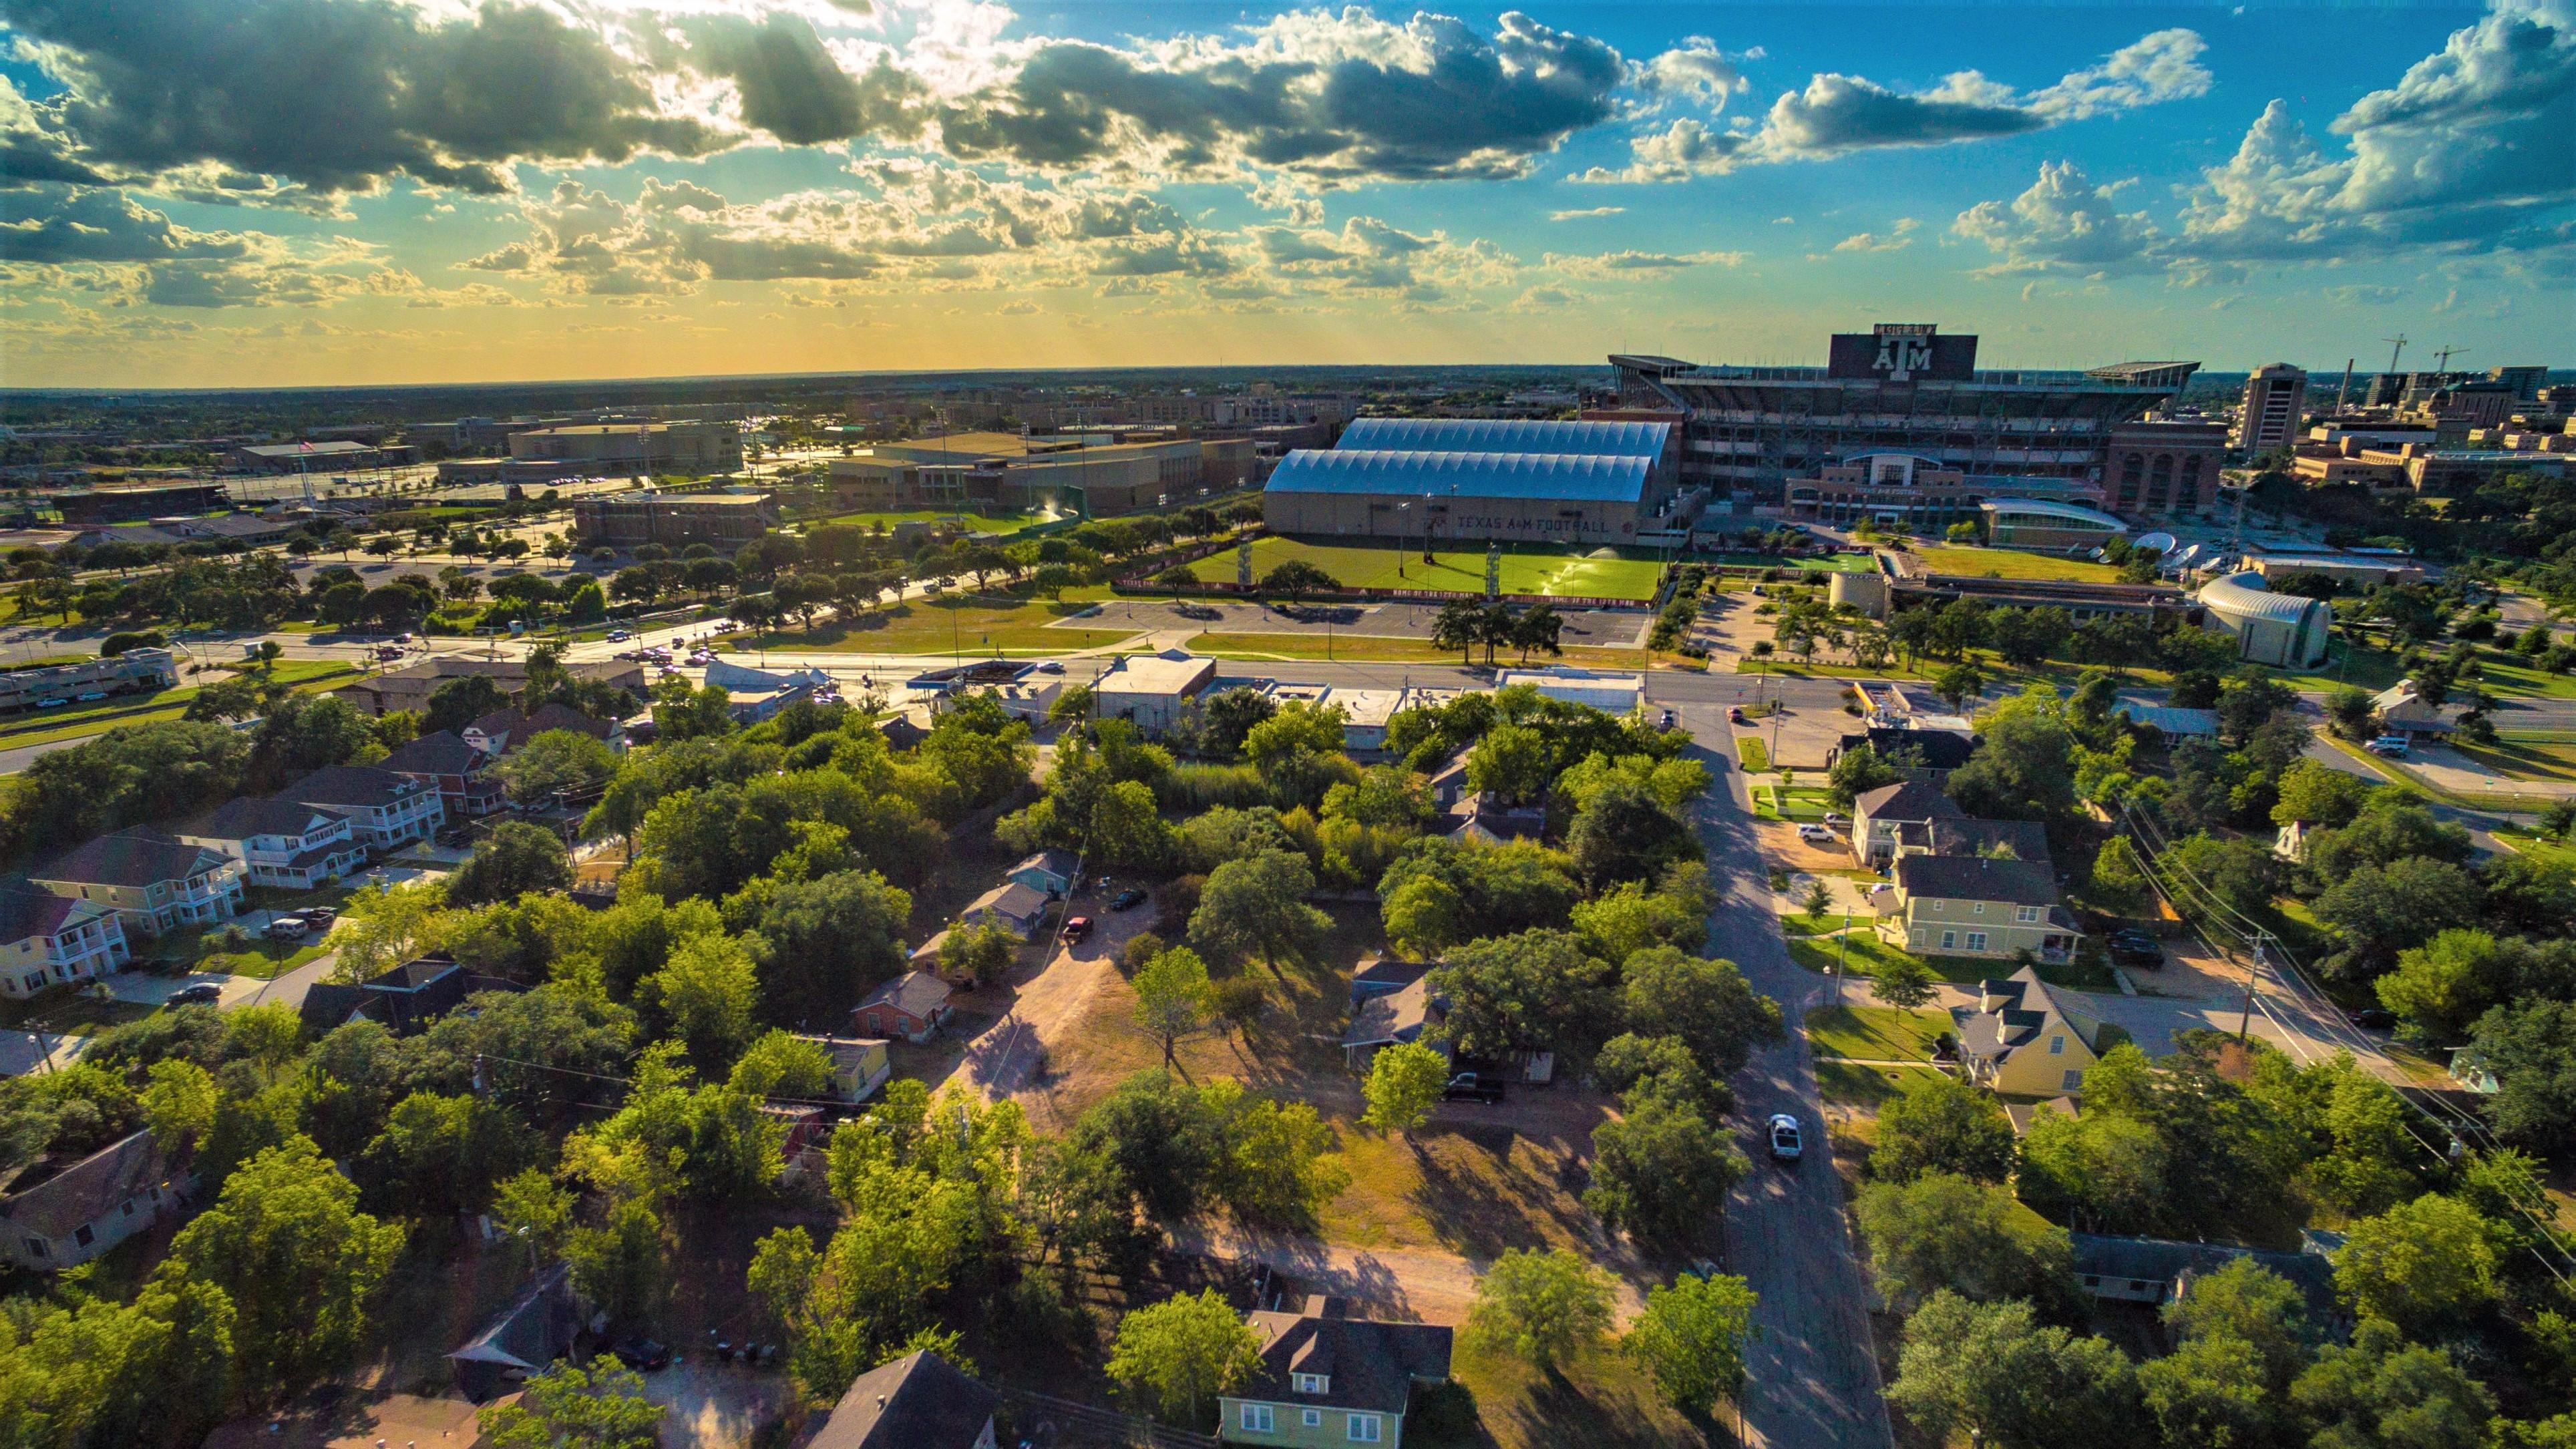 Texas A&M Campus